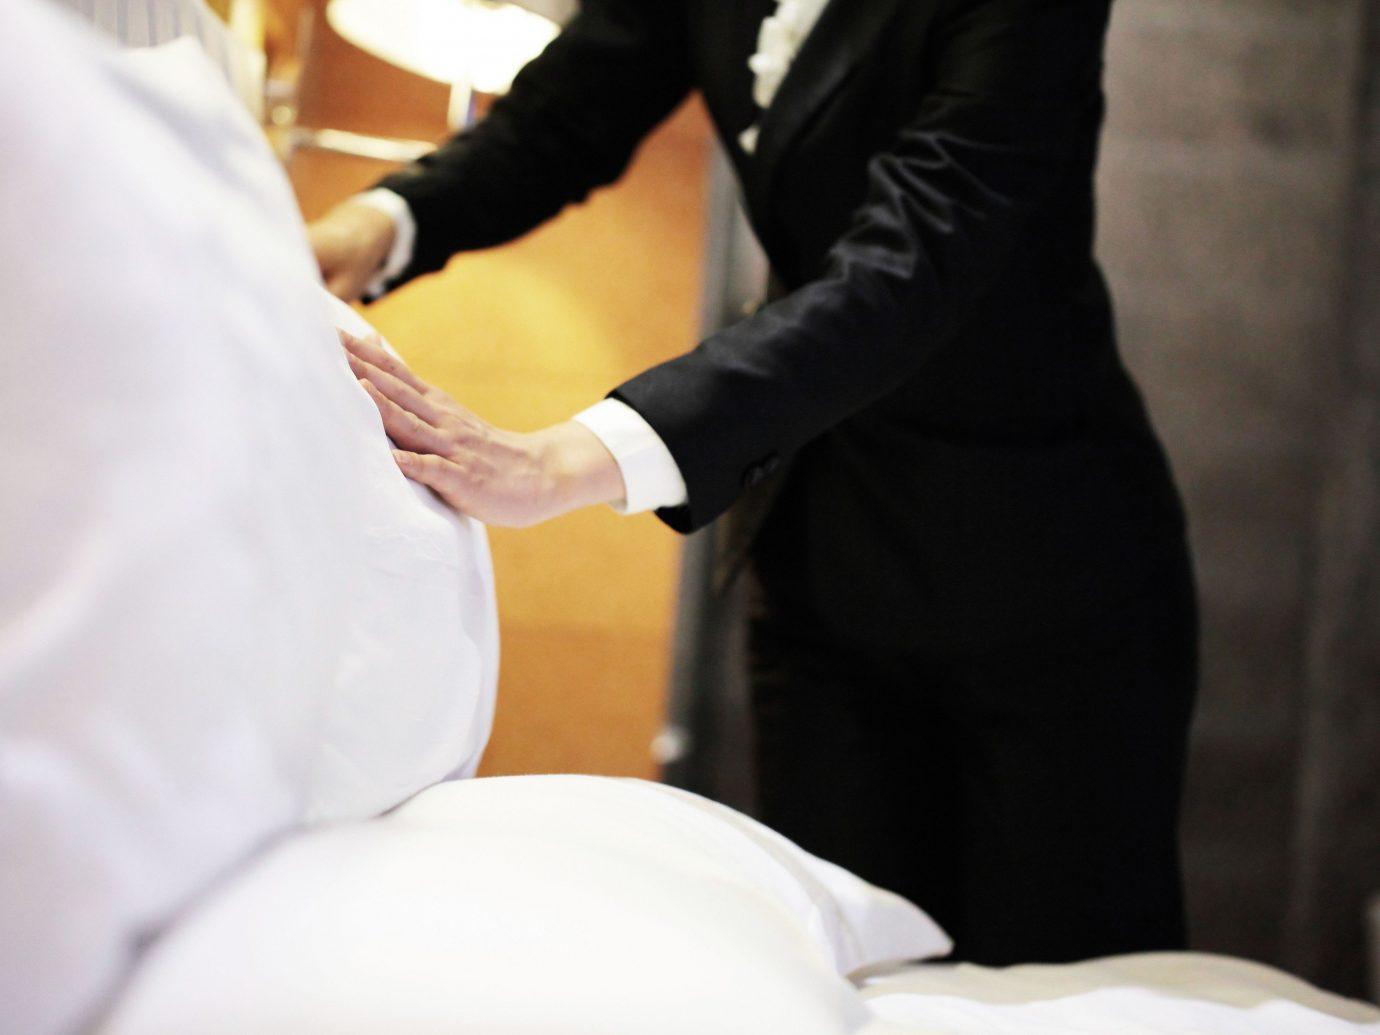 Offbeat person indoor groom preparing